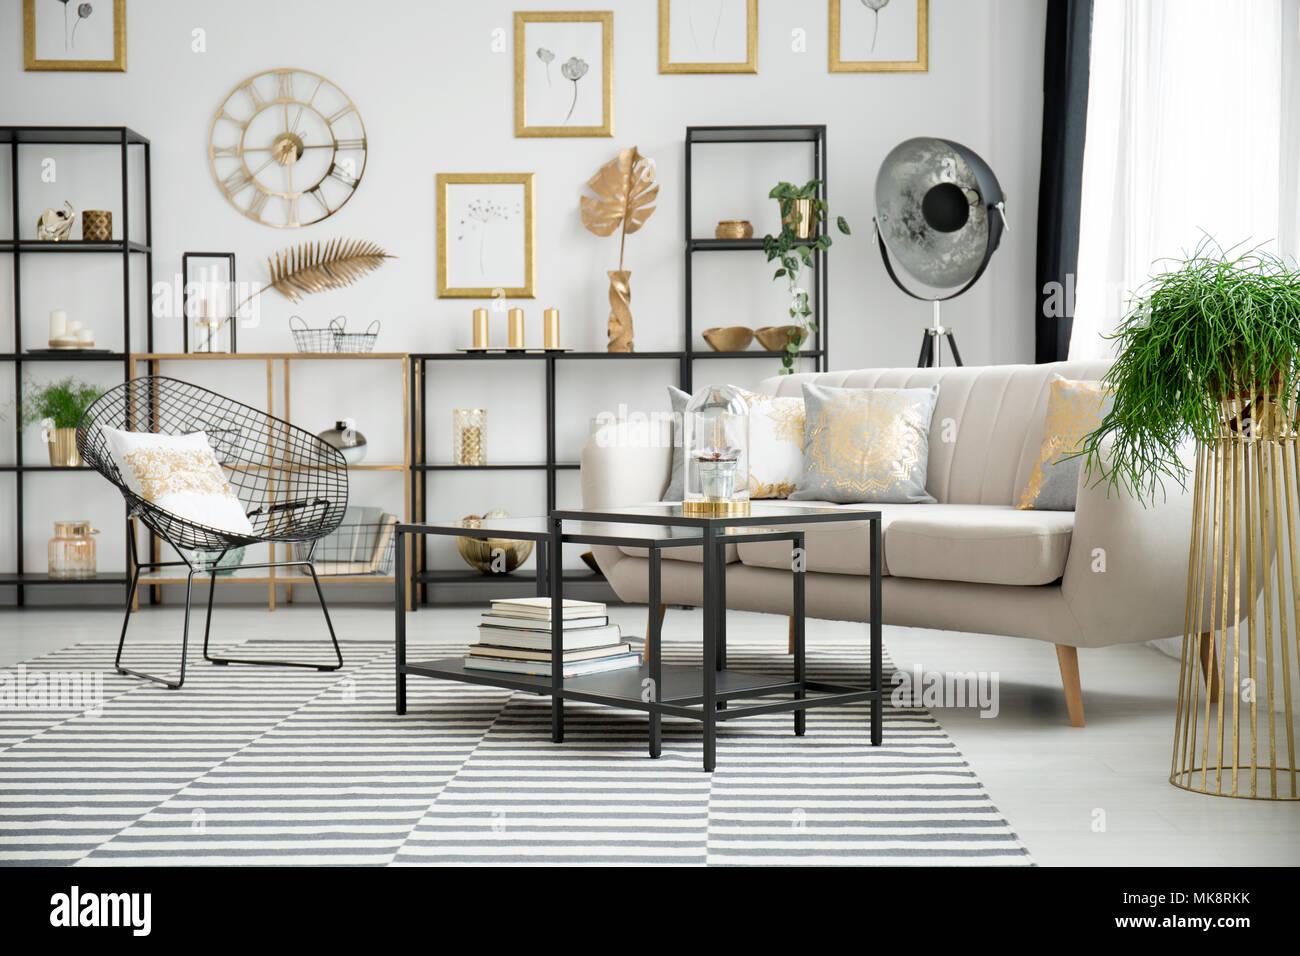 Kissen Mit Gold Muster Auf Beige Sofa Und Sessel Im Hellen Wohnzimmer Interieur Mit Gold Und Schwarzen Mobeln Stockfotografie Alamy